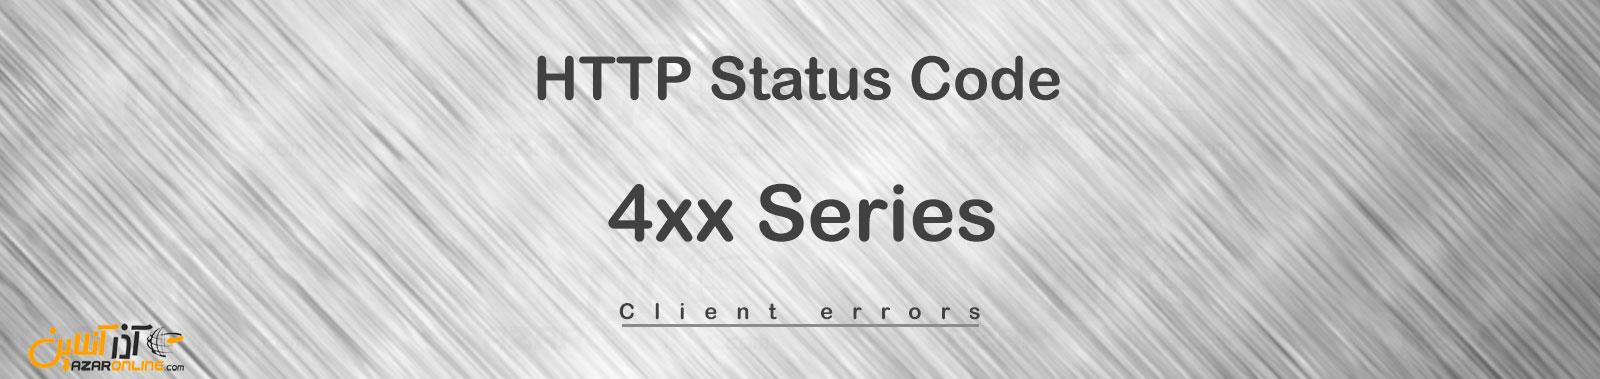 لیست کدهای وضعیت HTTP - سری 4xx